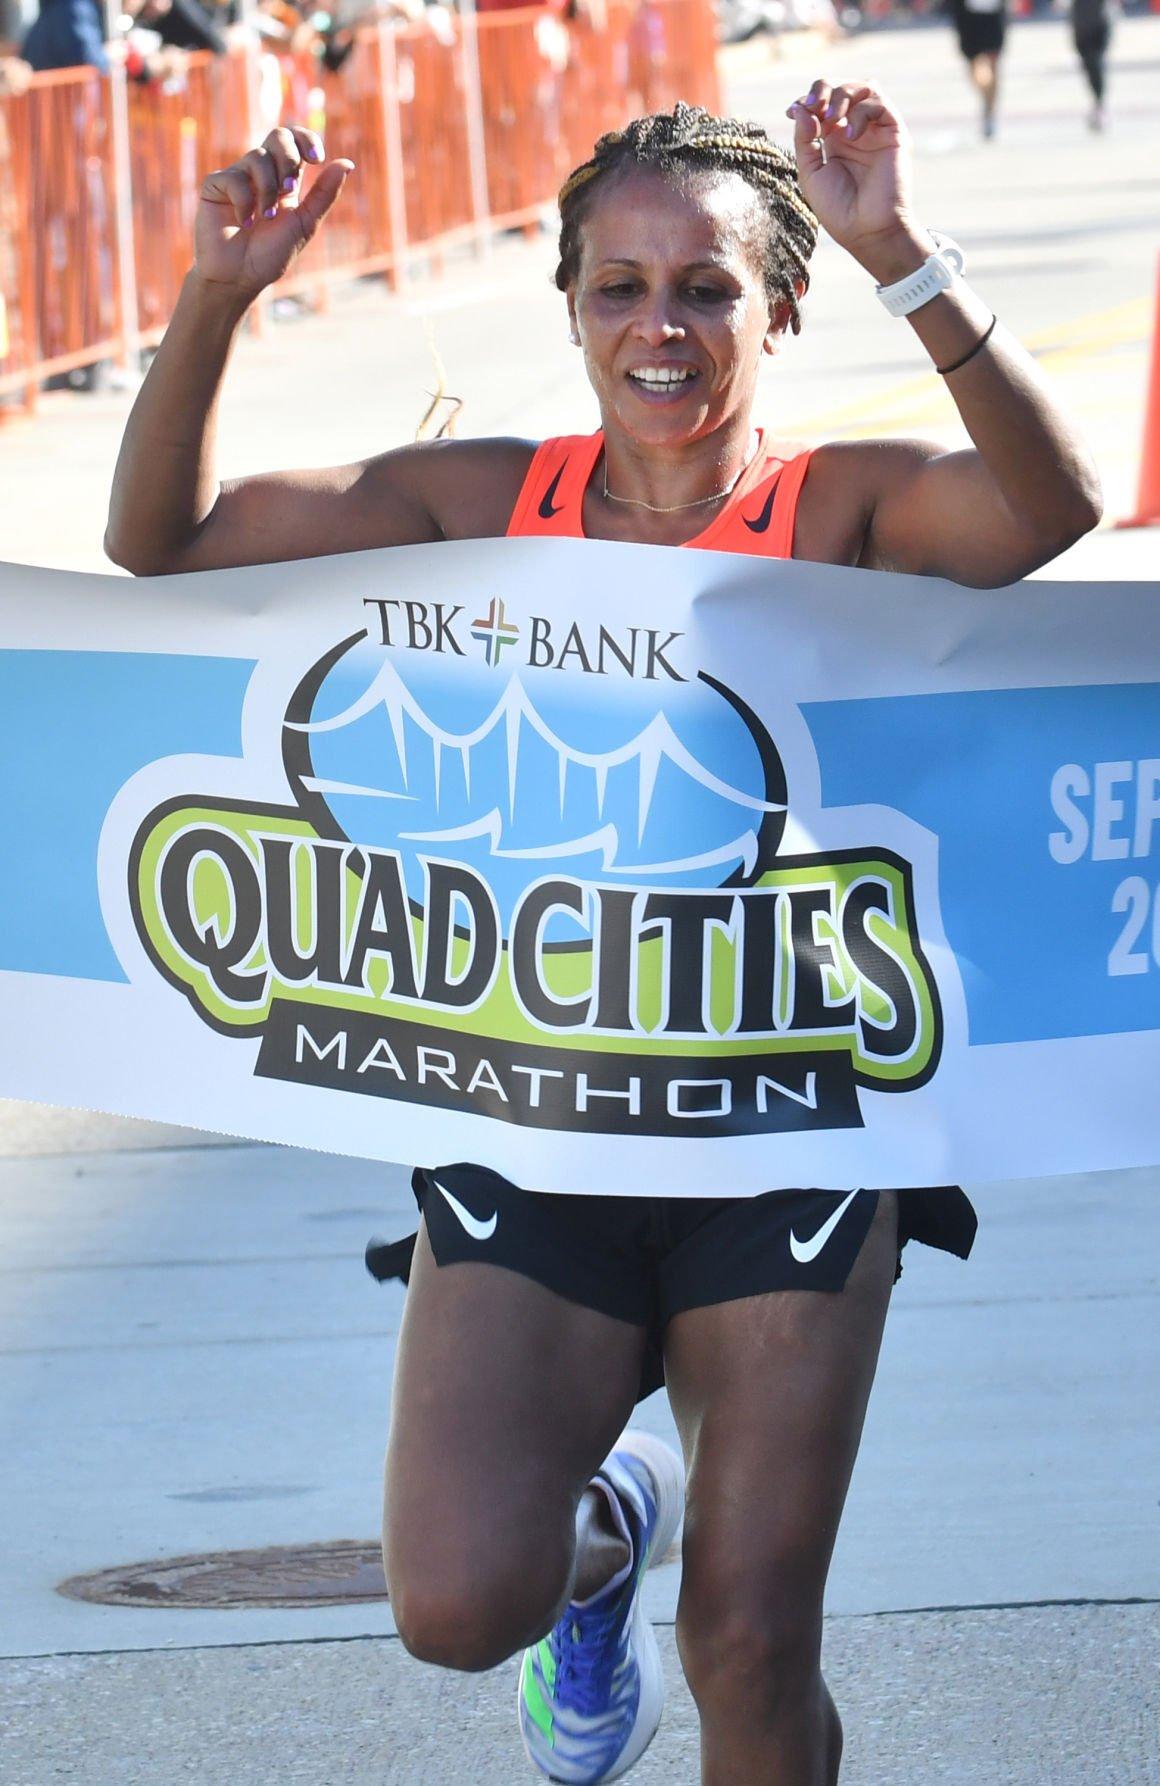 092621-qc-spt-qc marathon-0364